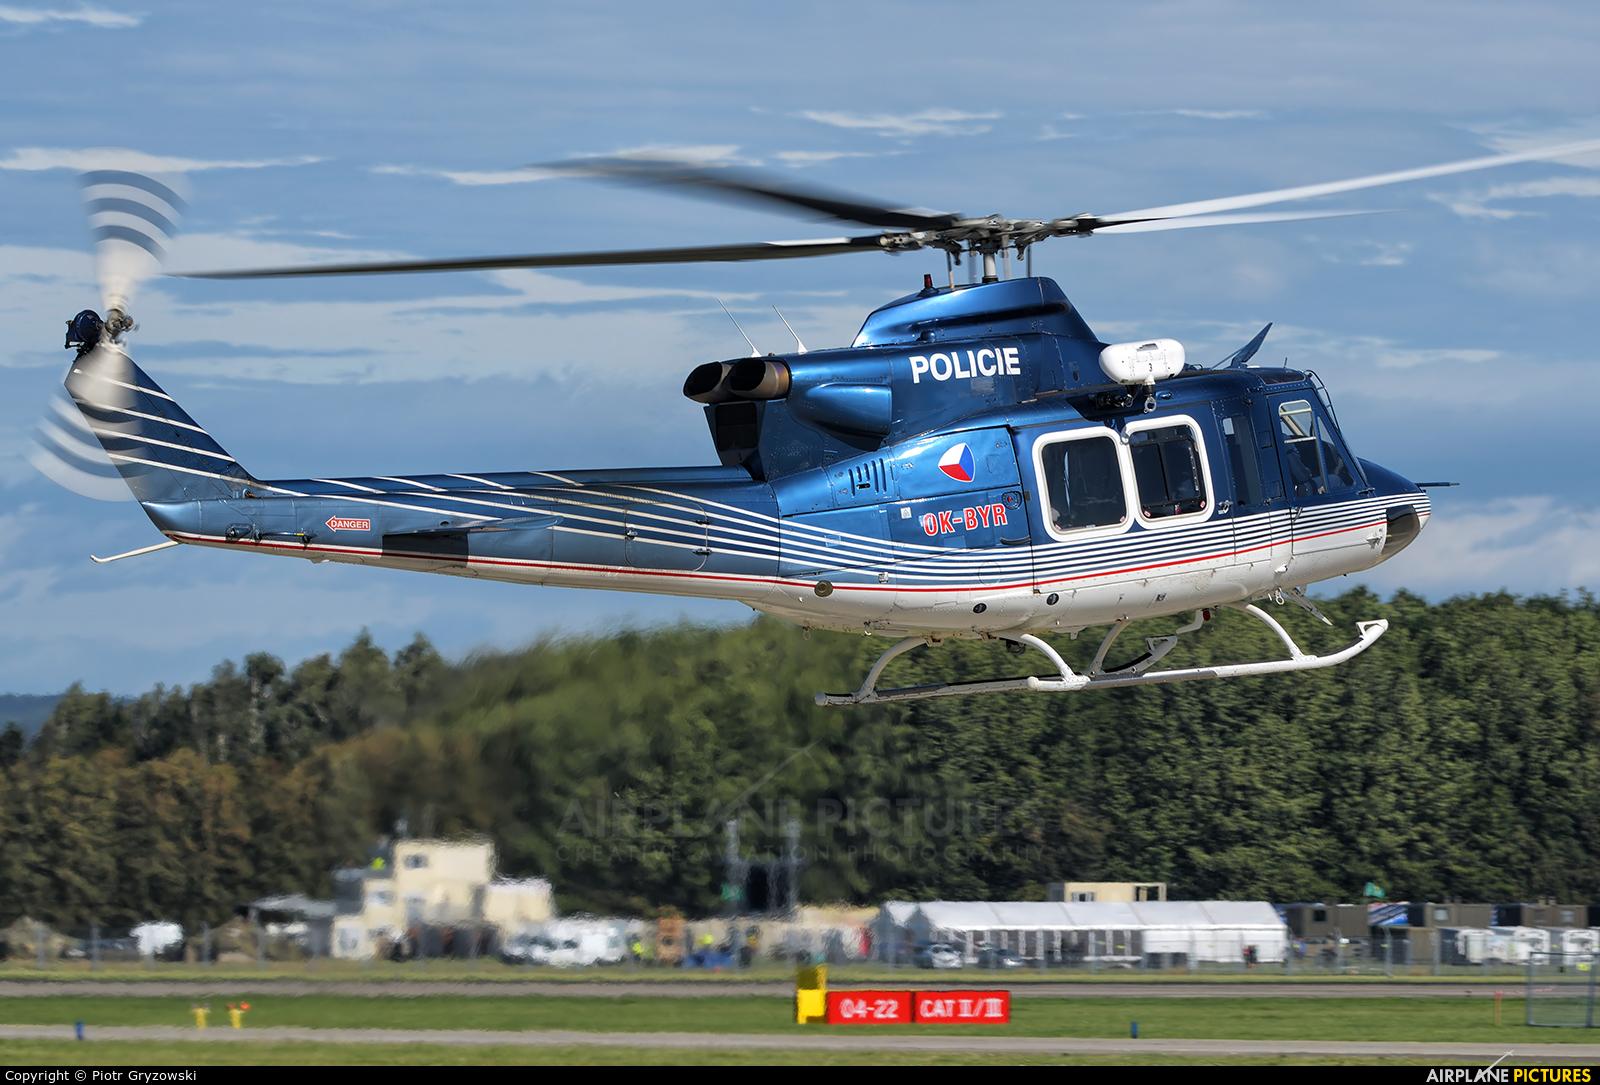 Czech Republic - Police OK-BYR aircraft at Ostrava Mošnov